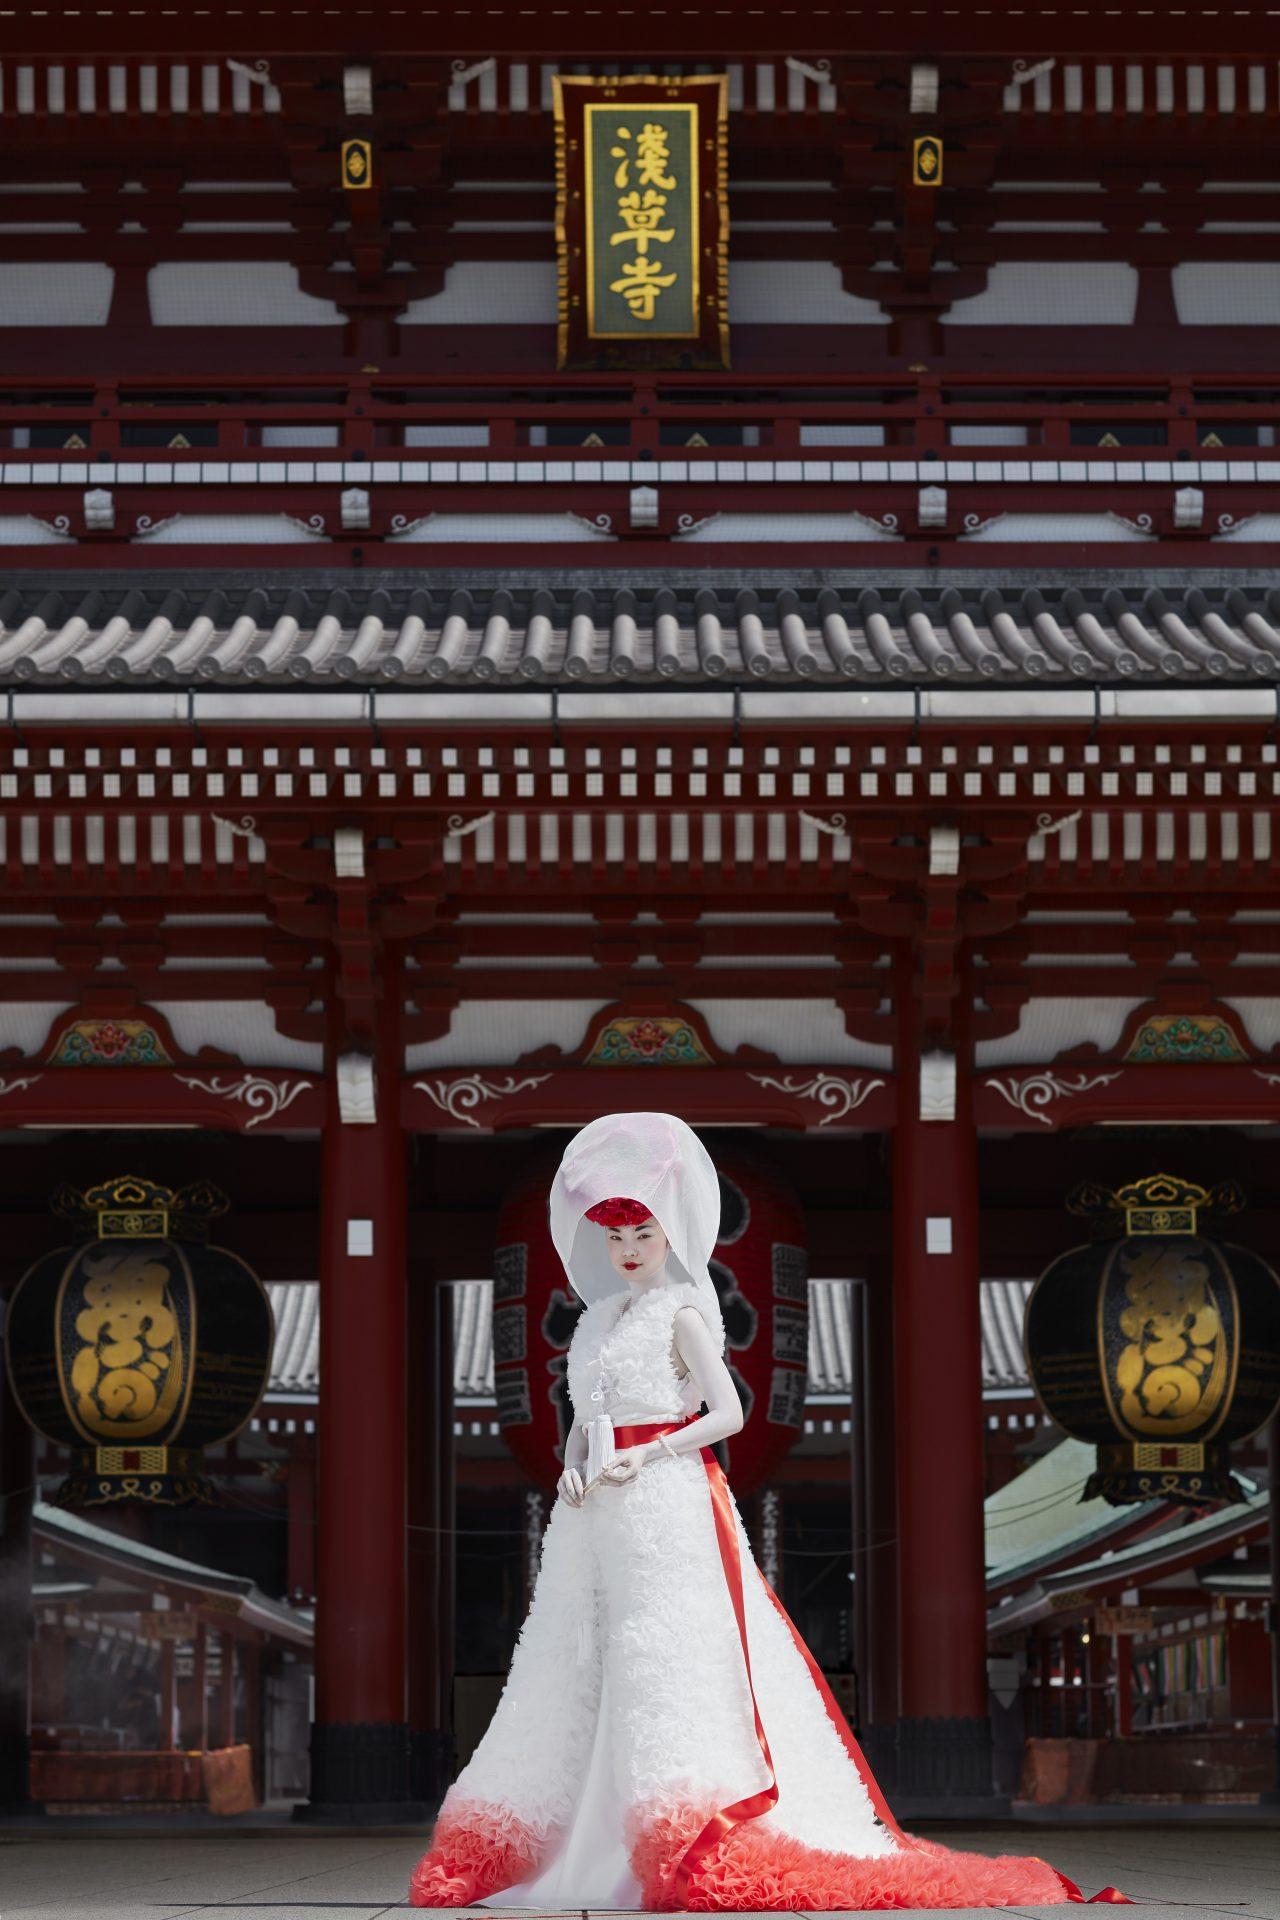 TOMO KOIZUZMI for TREAT MAISON(トモ コイズミ フォー トリート メゾン)ウェディングカプセルコレクション2021のルック紹介。